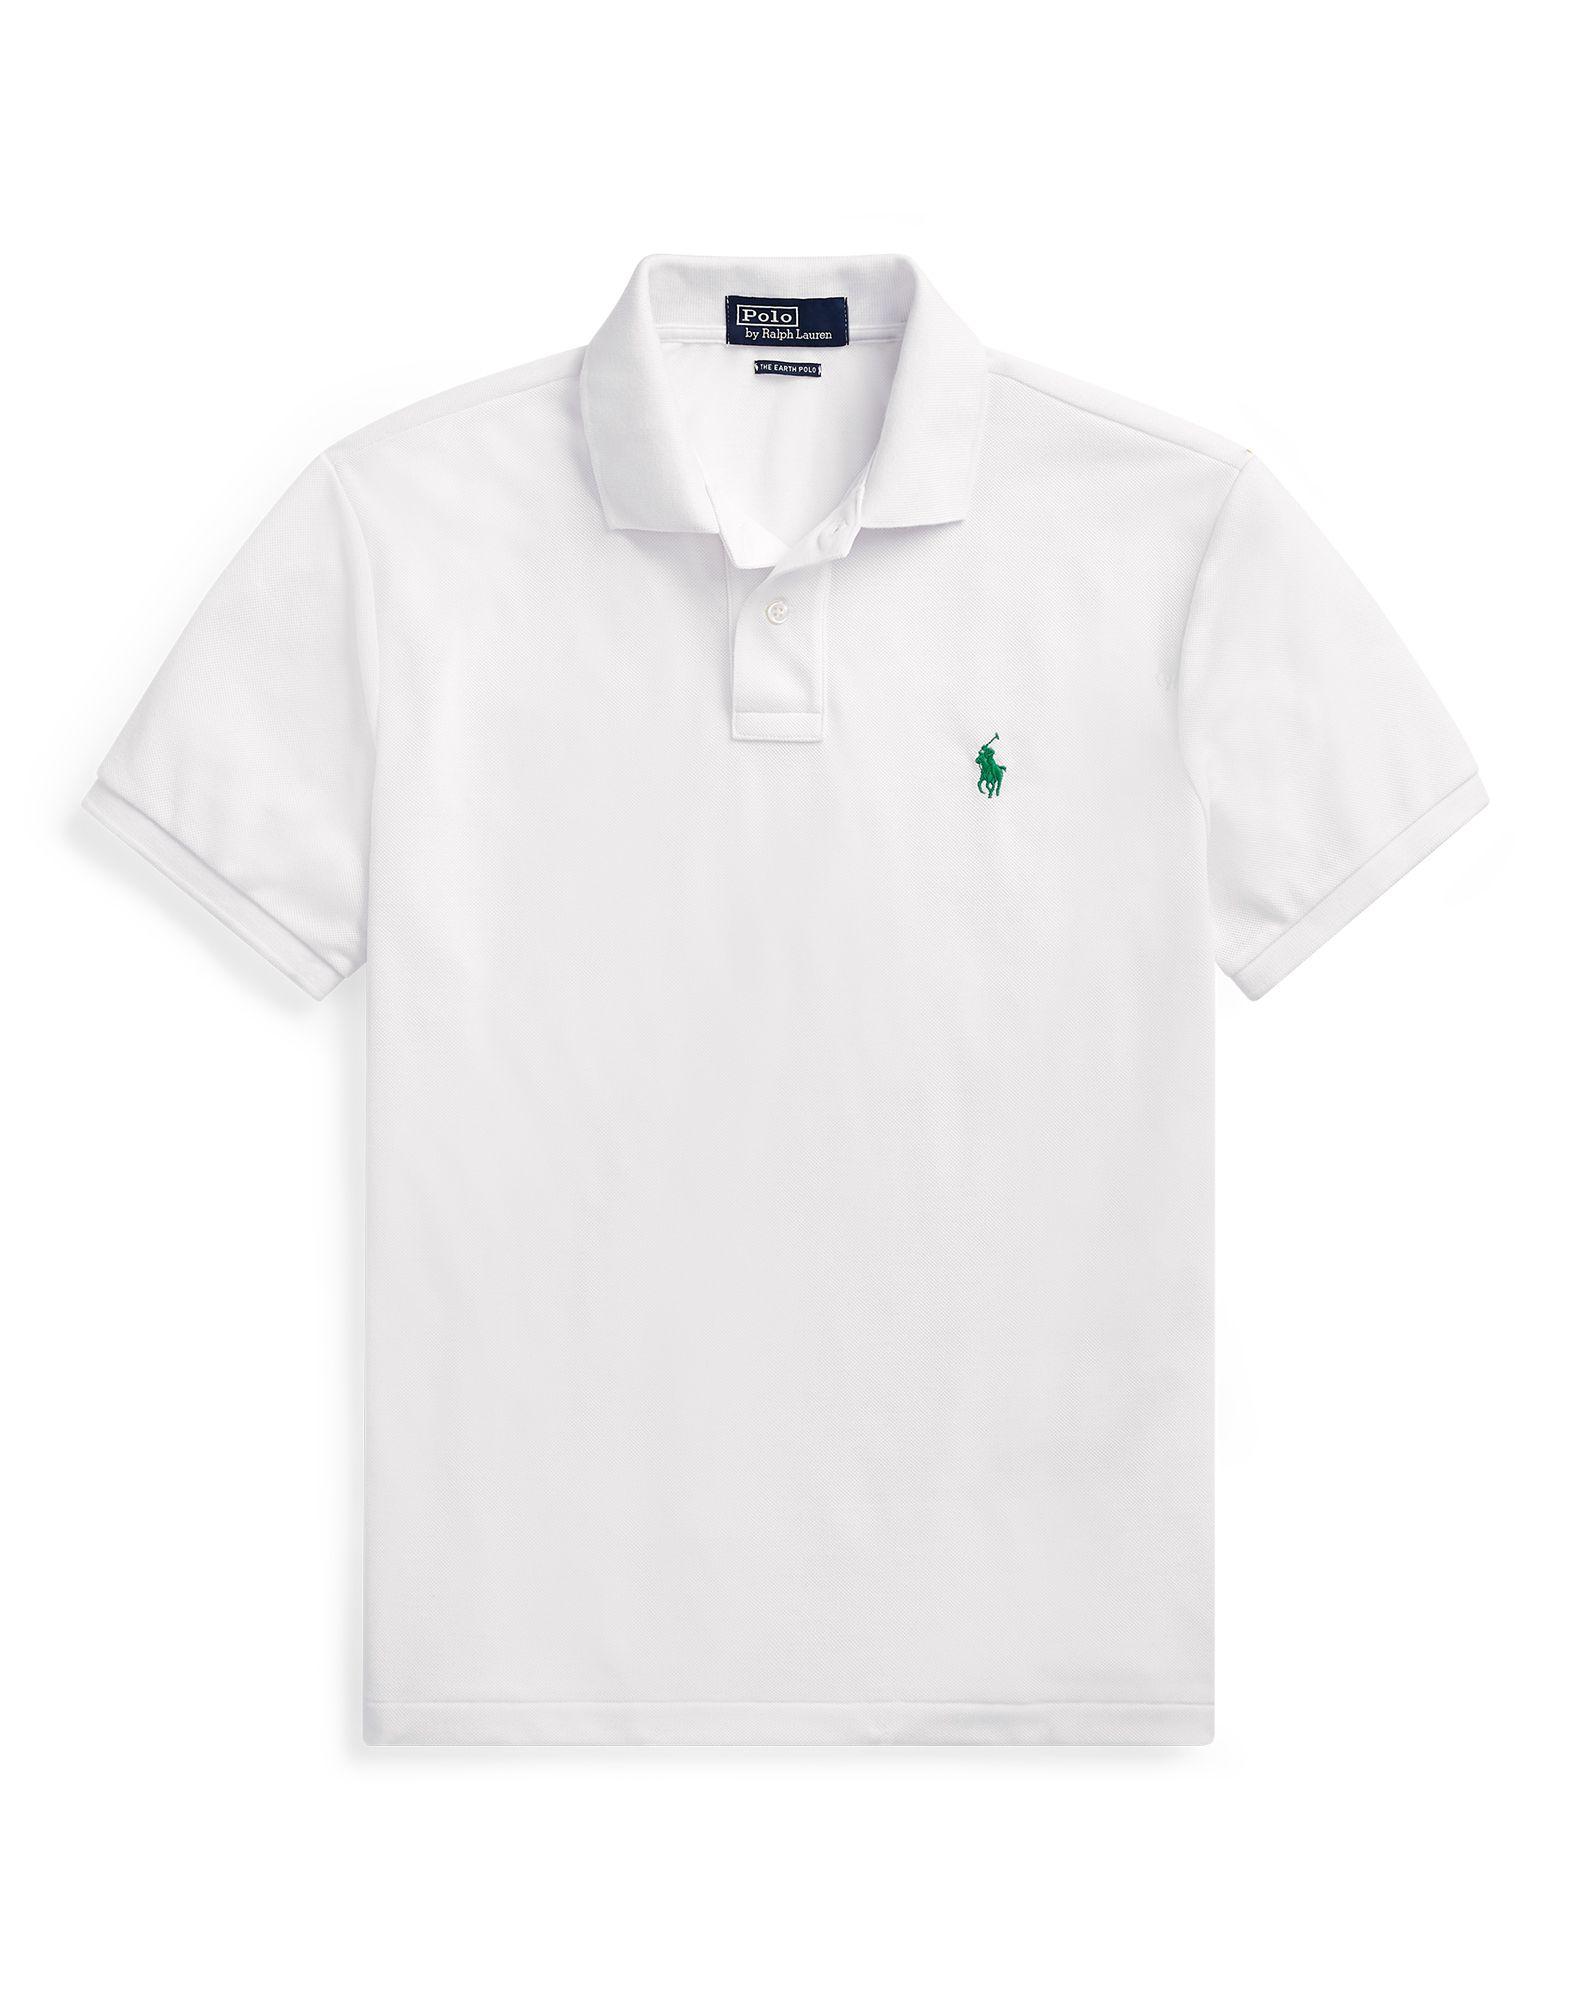 c30299247a Polo Ralph Lauren Polo - Polo Ralph Lauren Uomo - YOOX